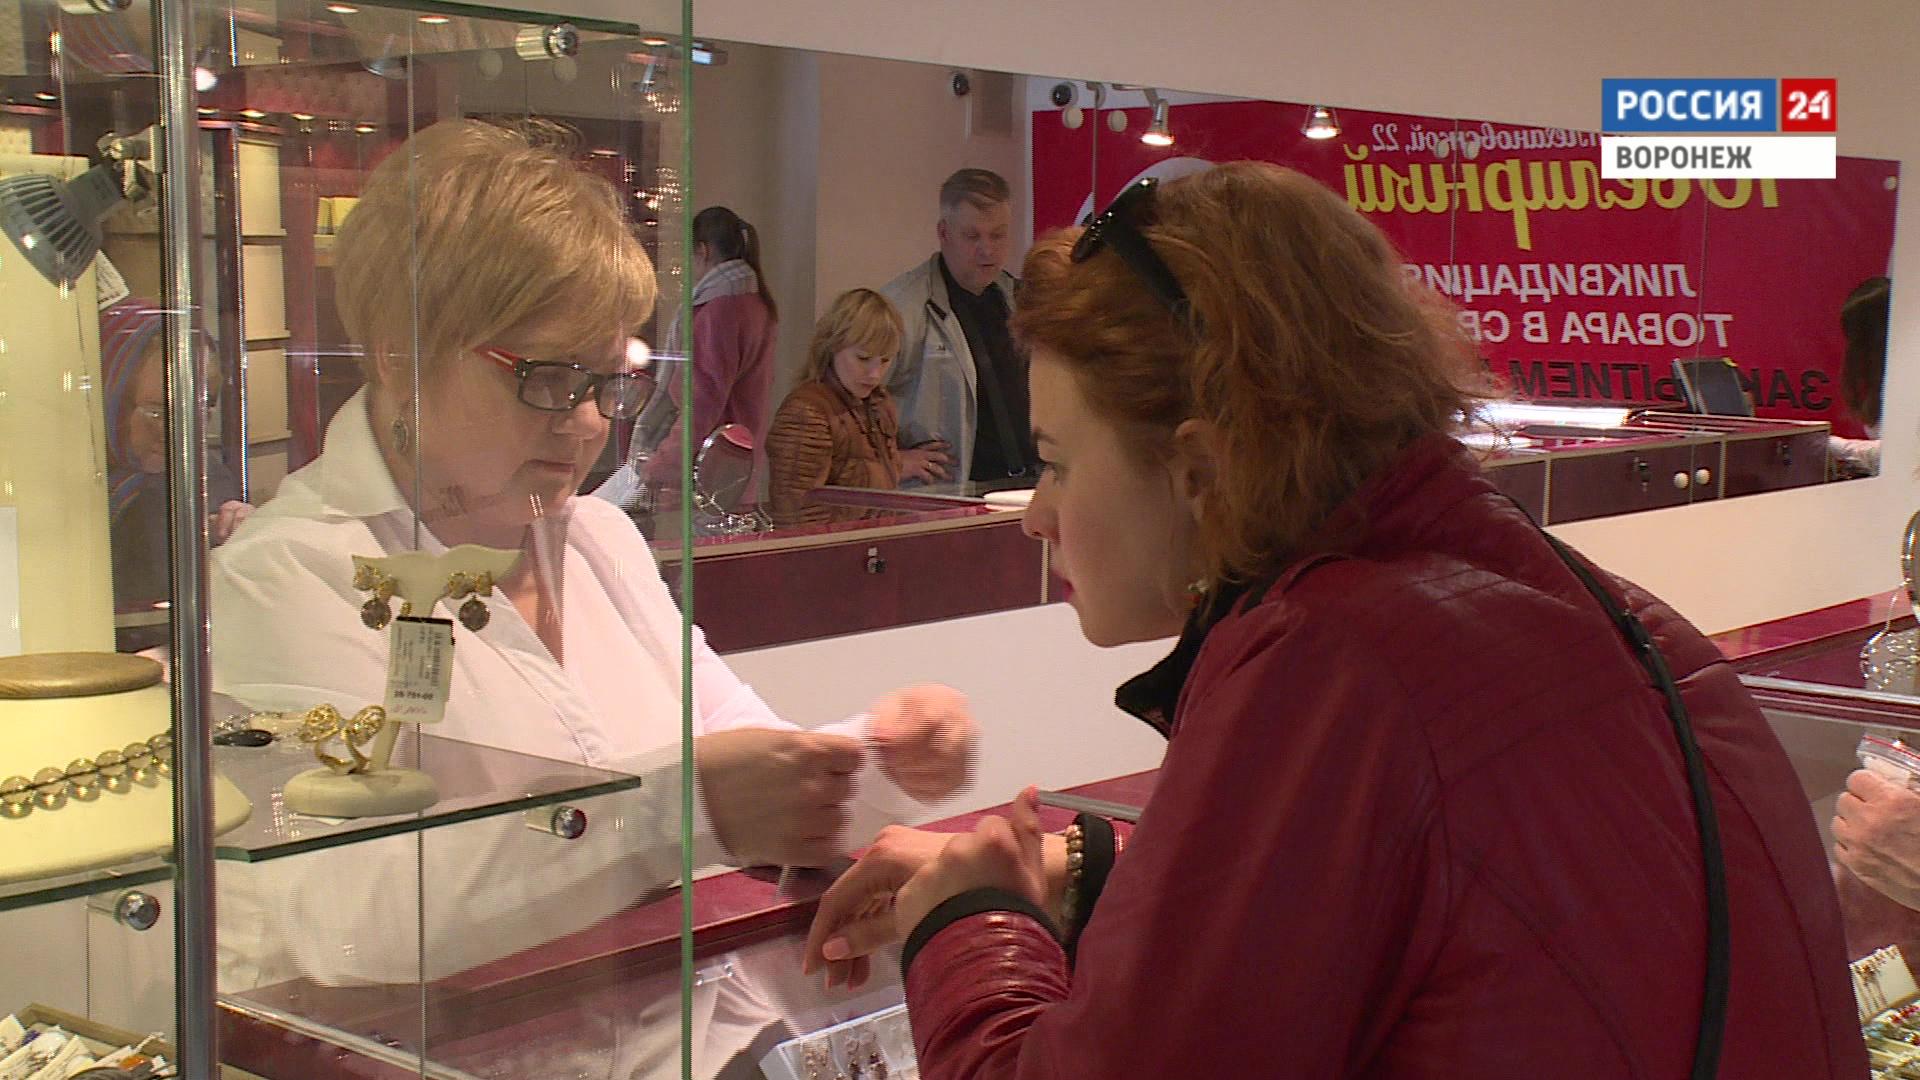 Обанкротившийся ювелирный магазин заманивает воронежцев беспрецедентными скидками